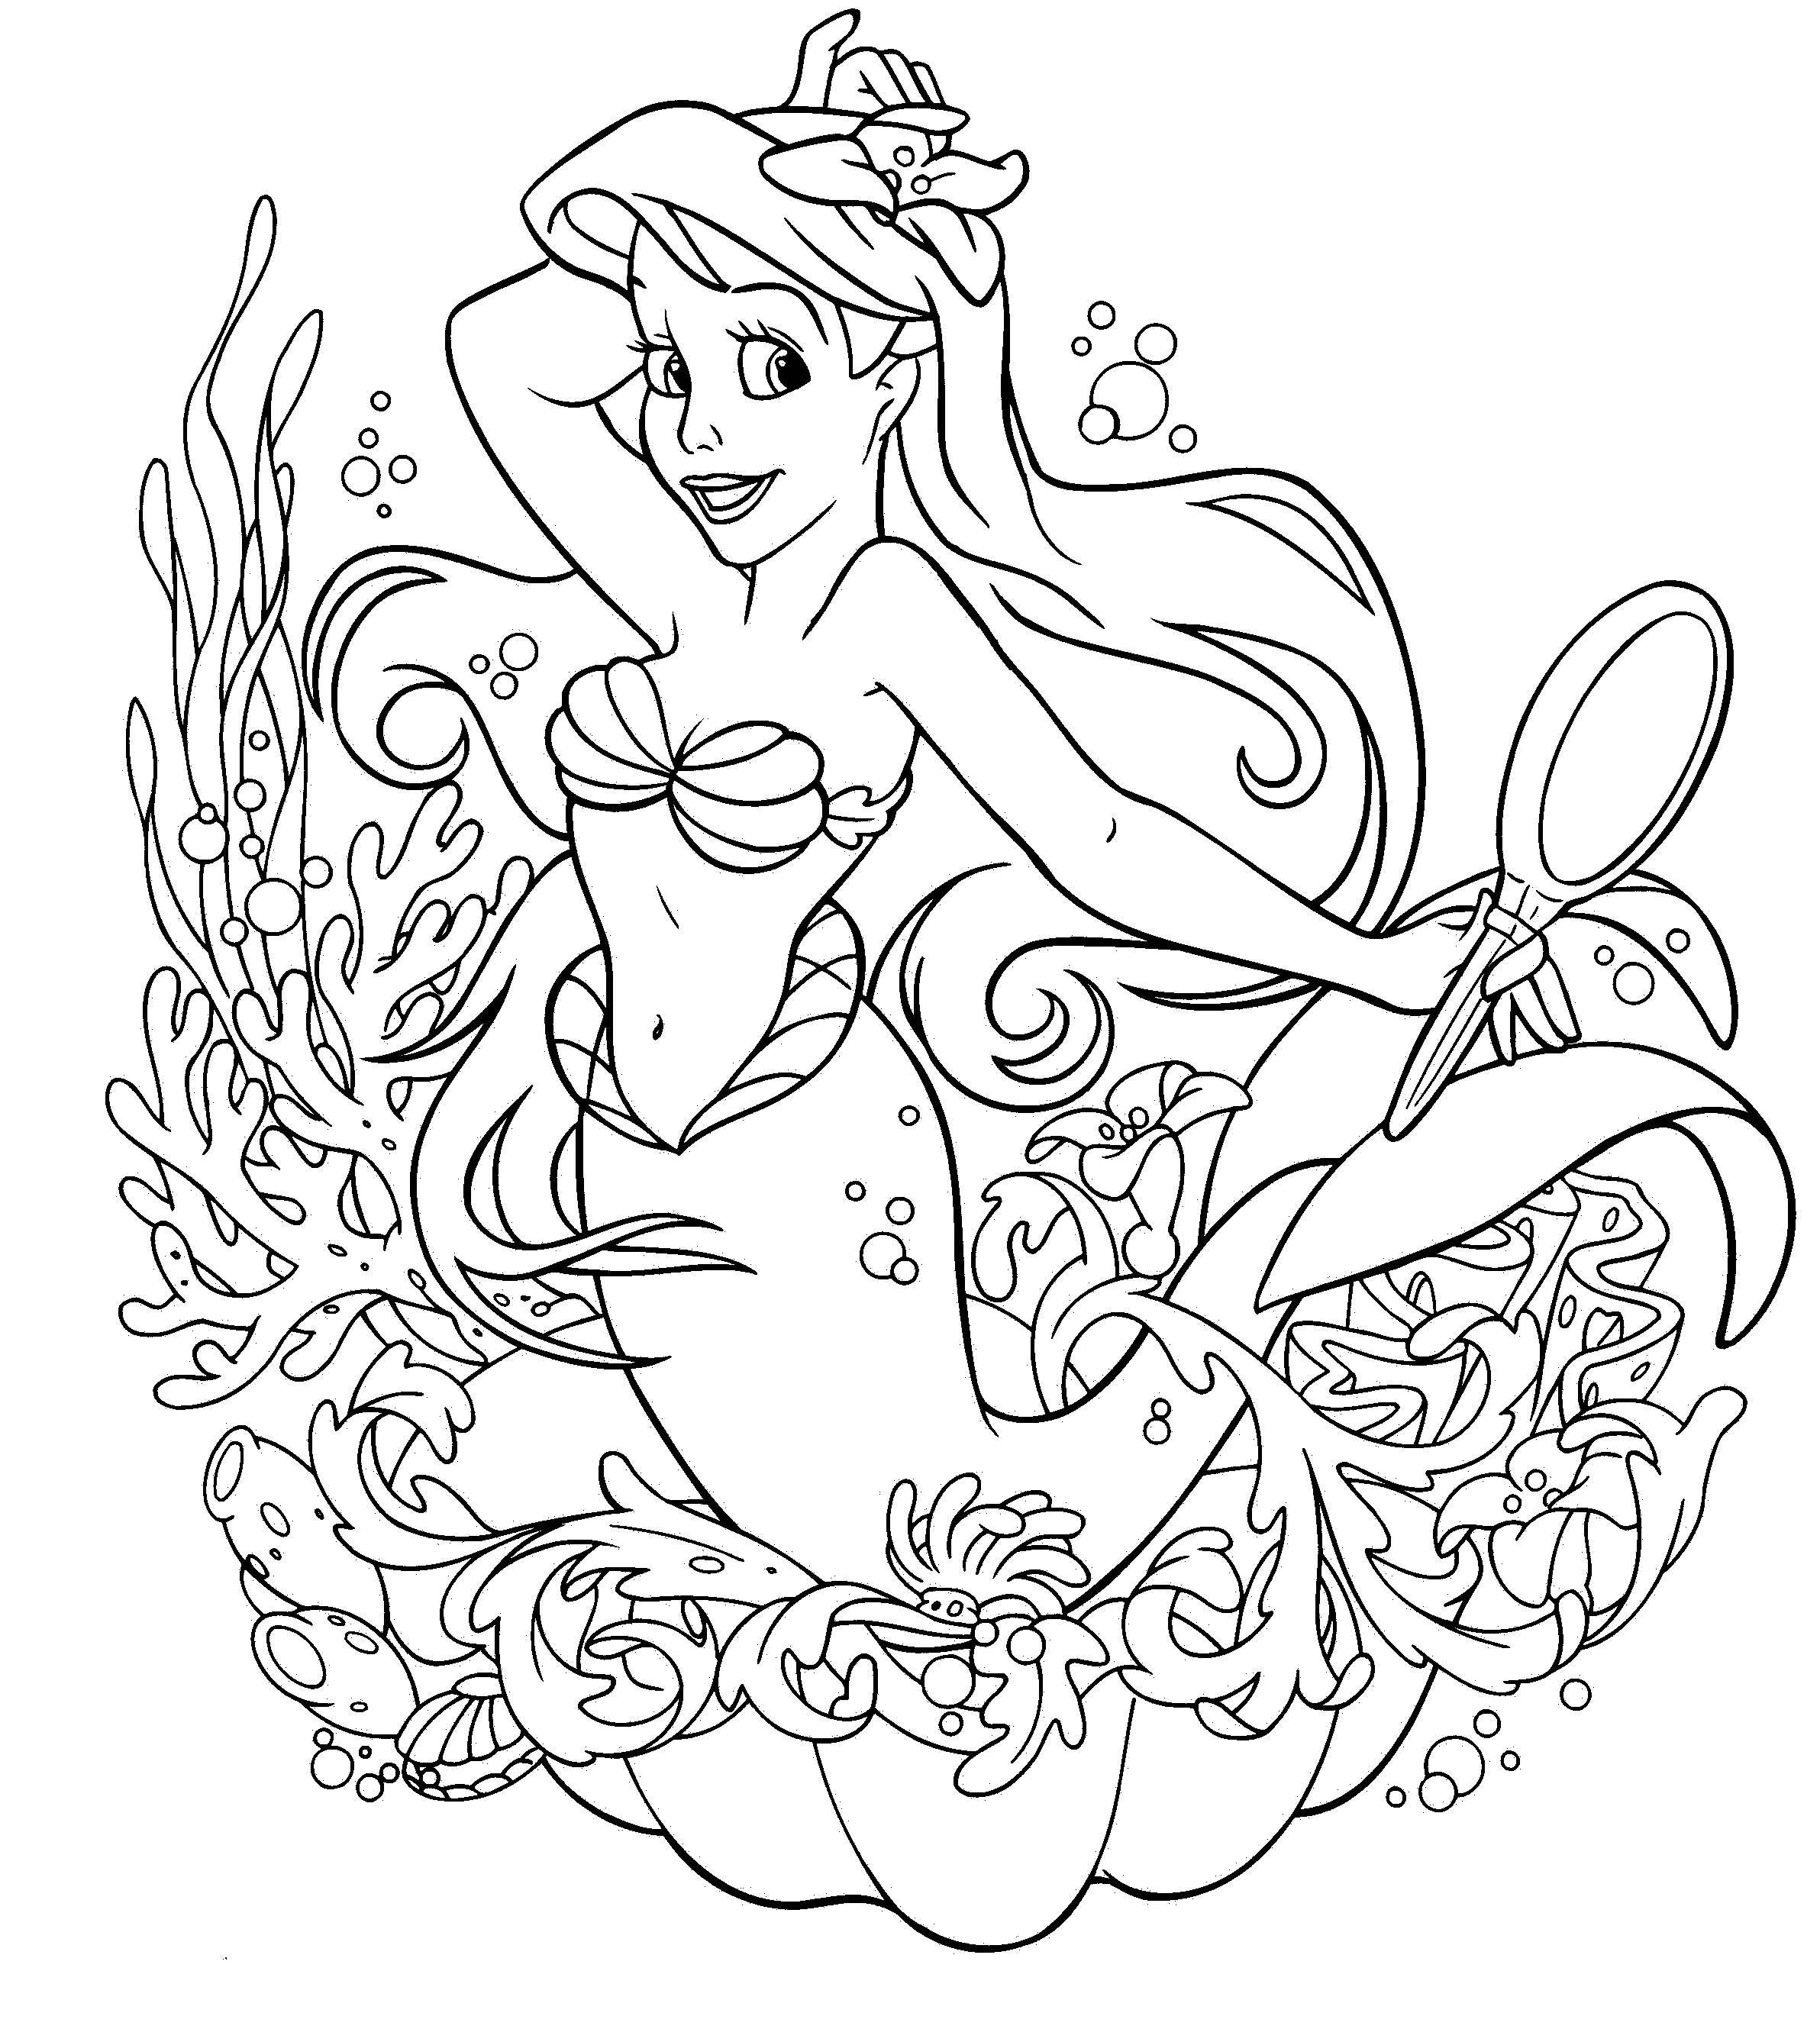 Frais Dessins à Colorier Princesse Ariel